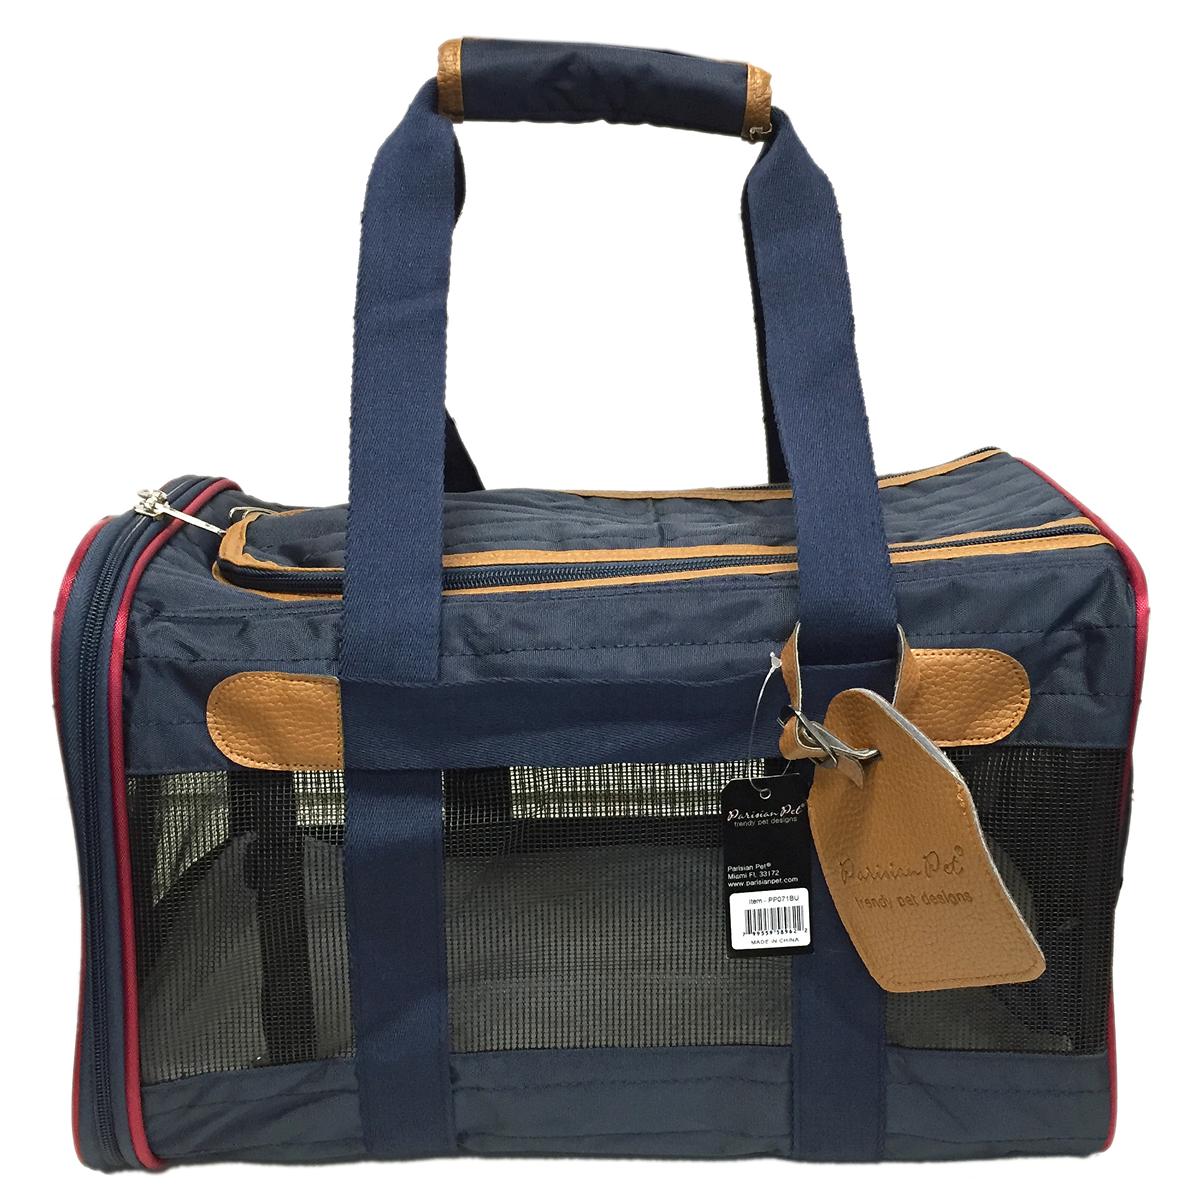 Navy And Tan Dog Duffle Bag Carrier Parisian Pet